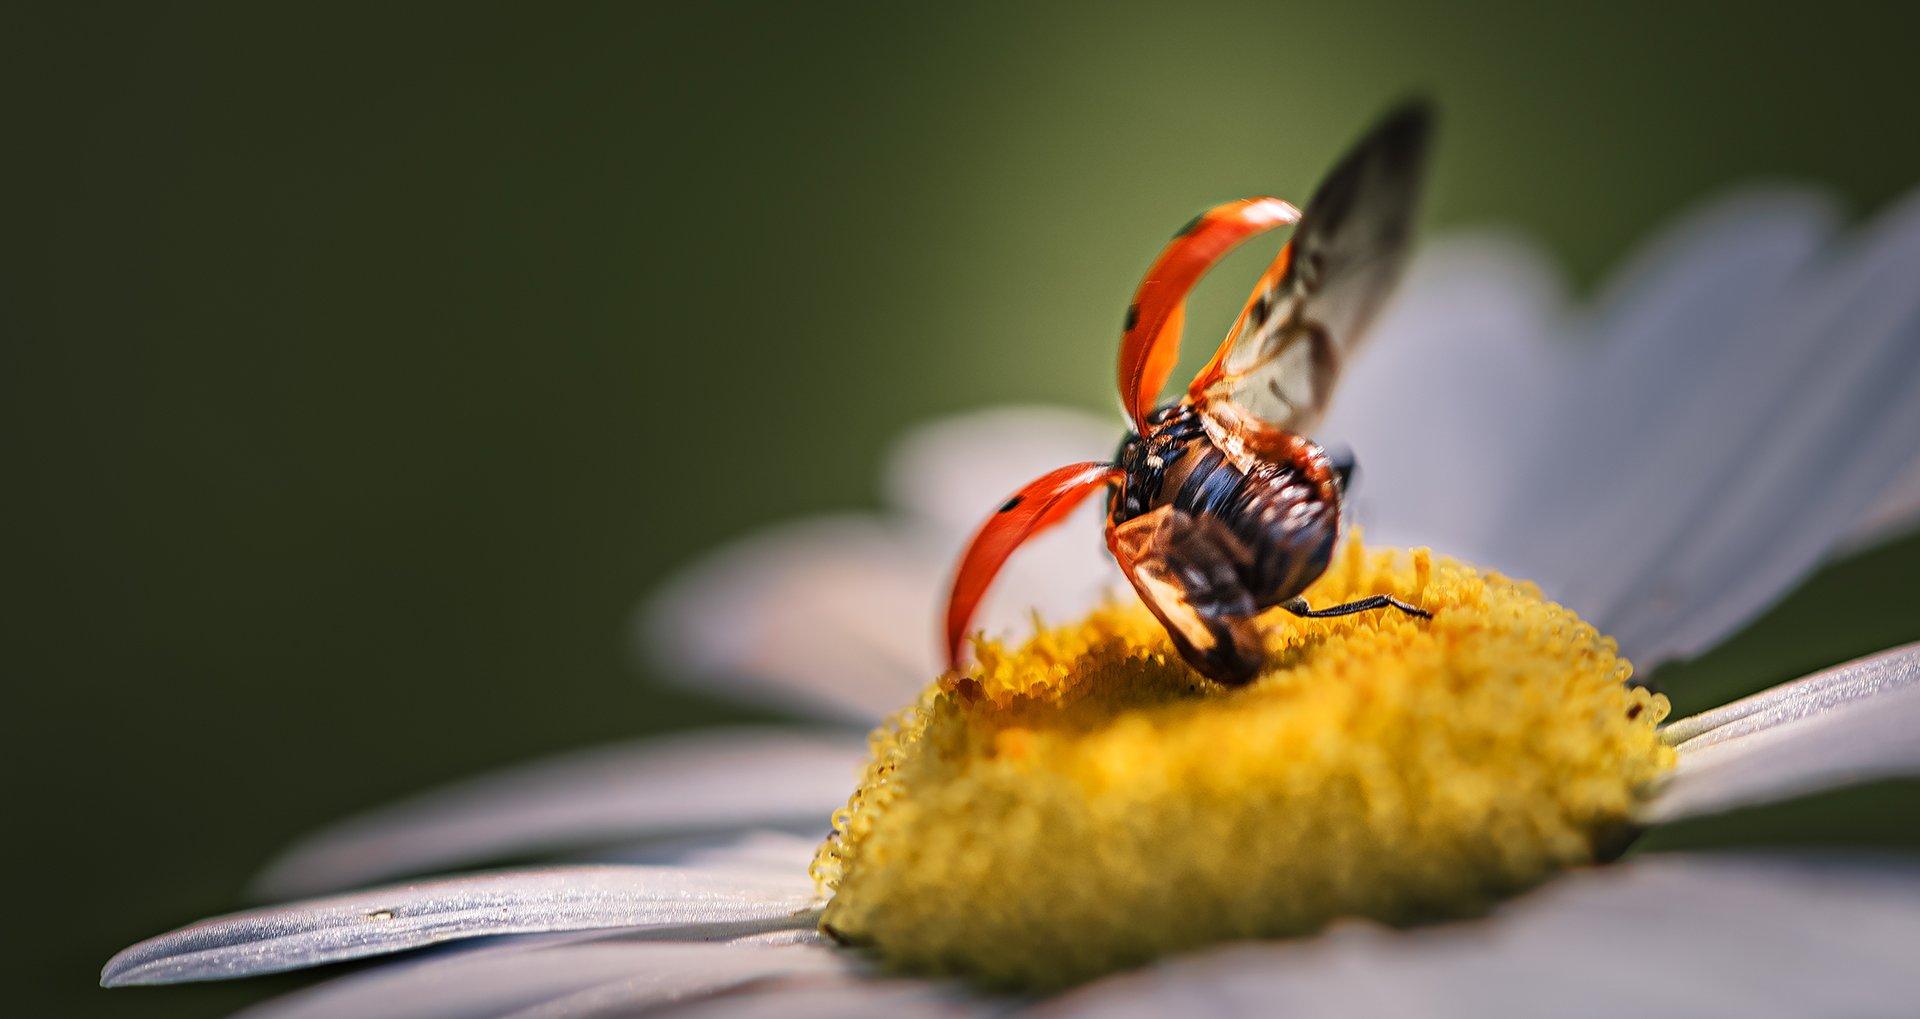 природа, макро, насекомые, жуки, божья коровка, взлет, Неля Рачкова